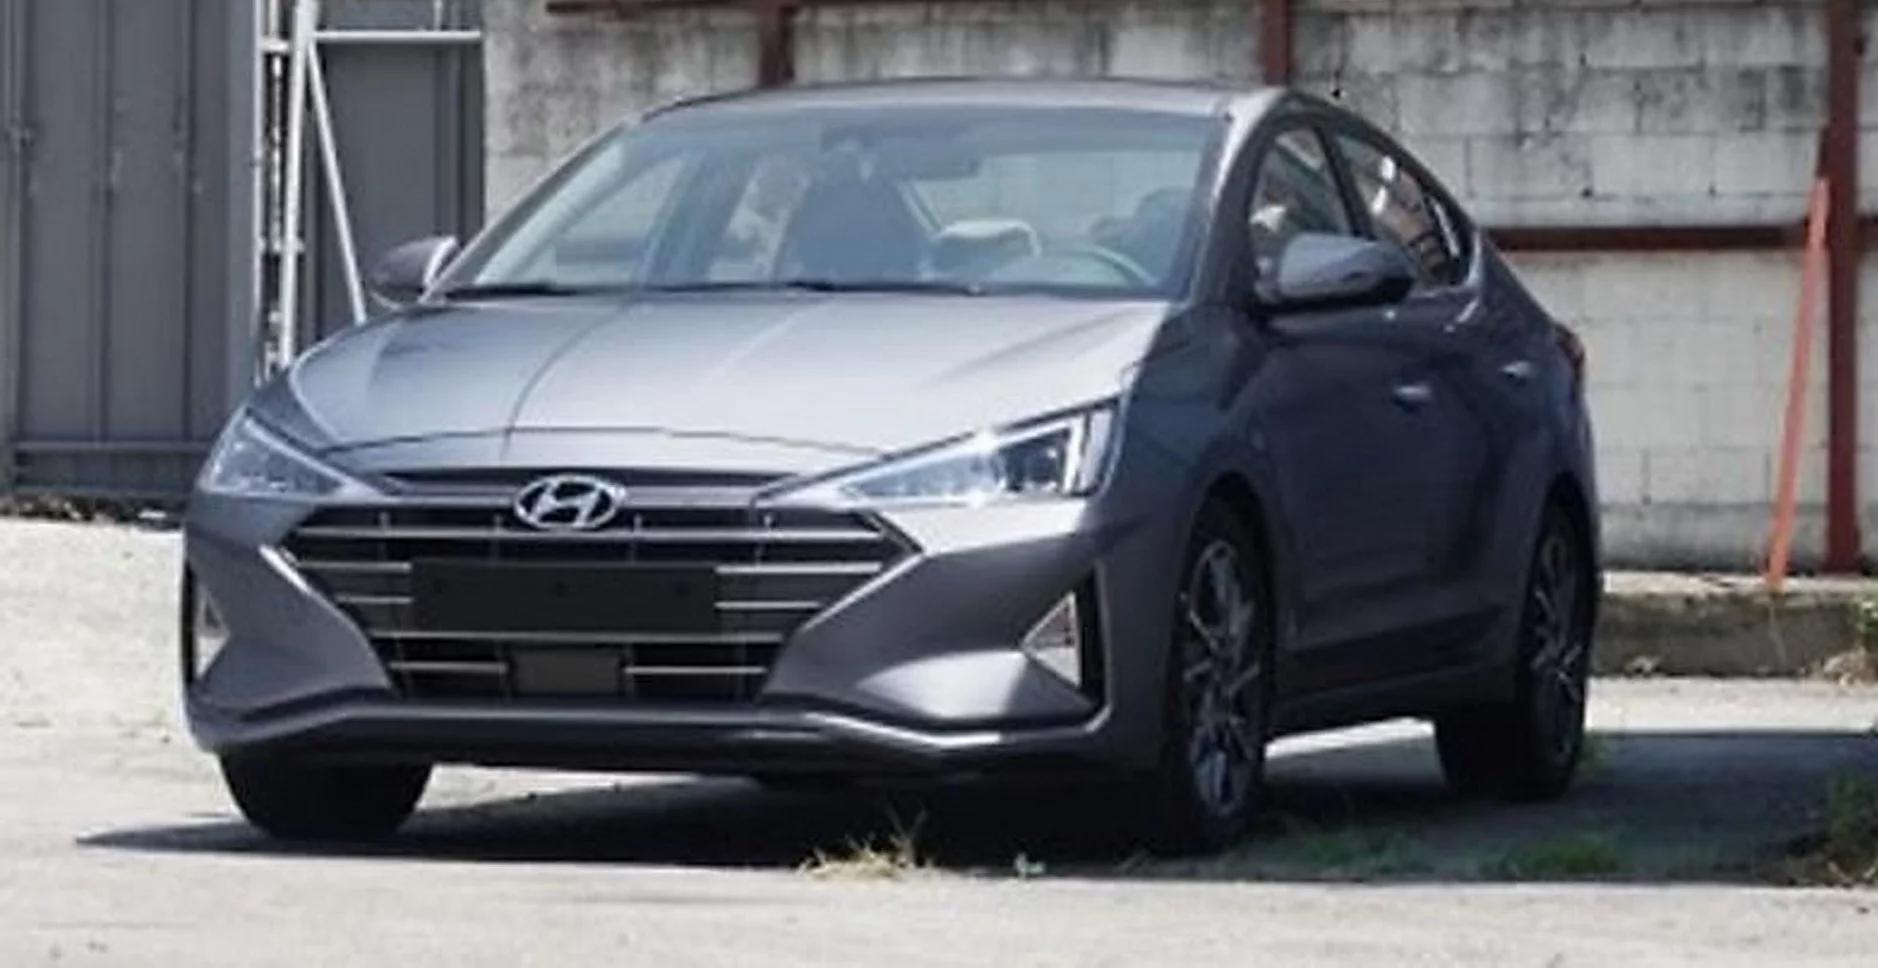 Hyundai giới thiệu loạt xe mới sắp ra mắt 2018-2020